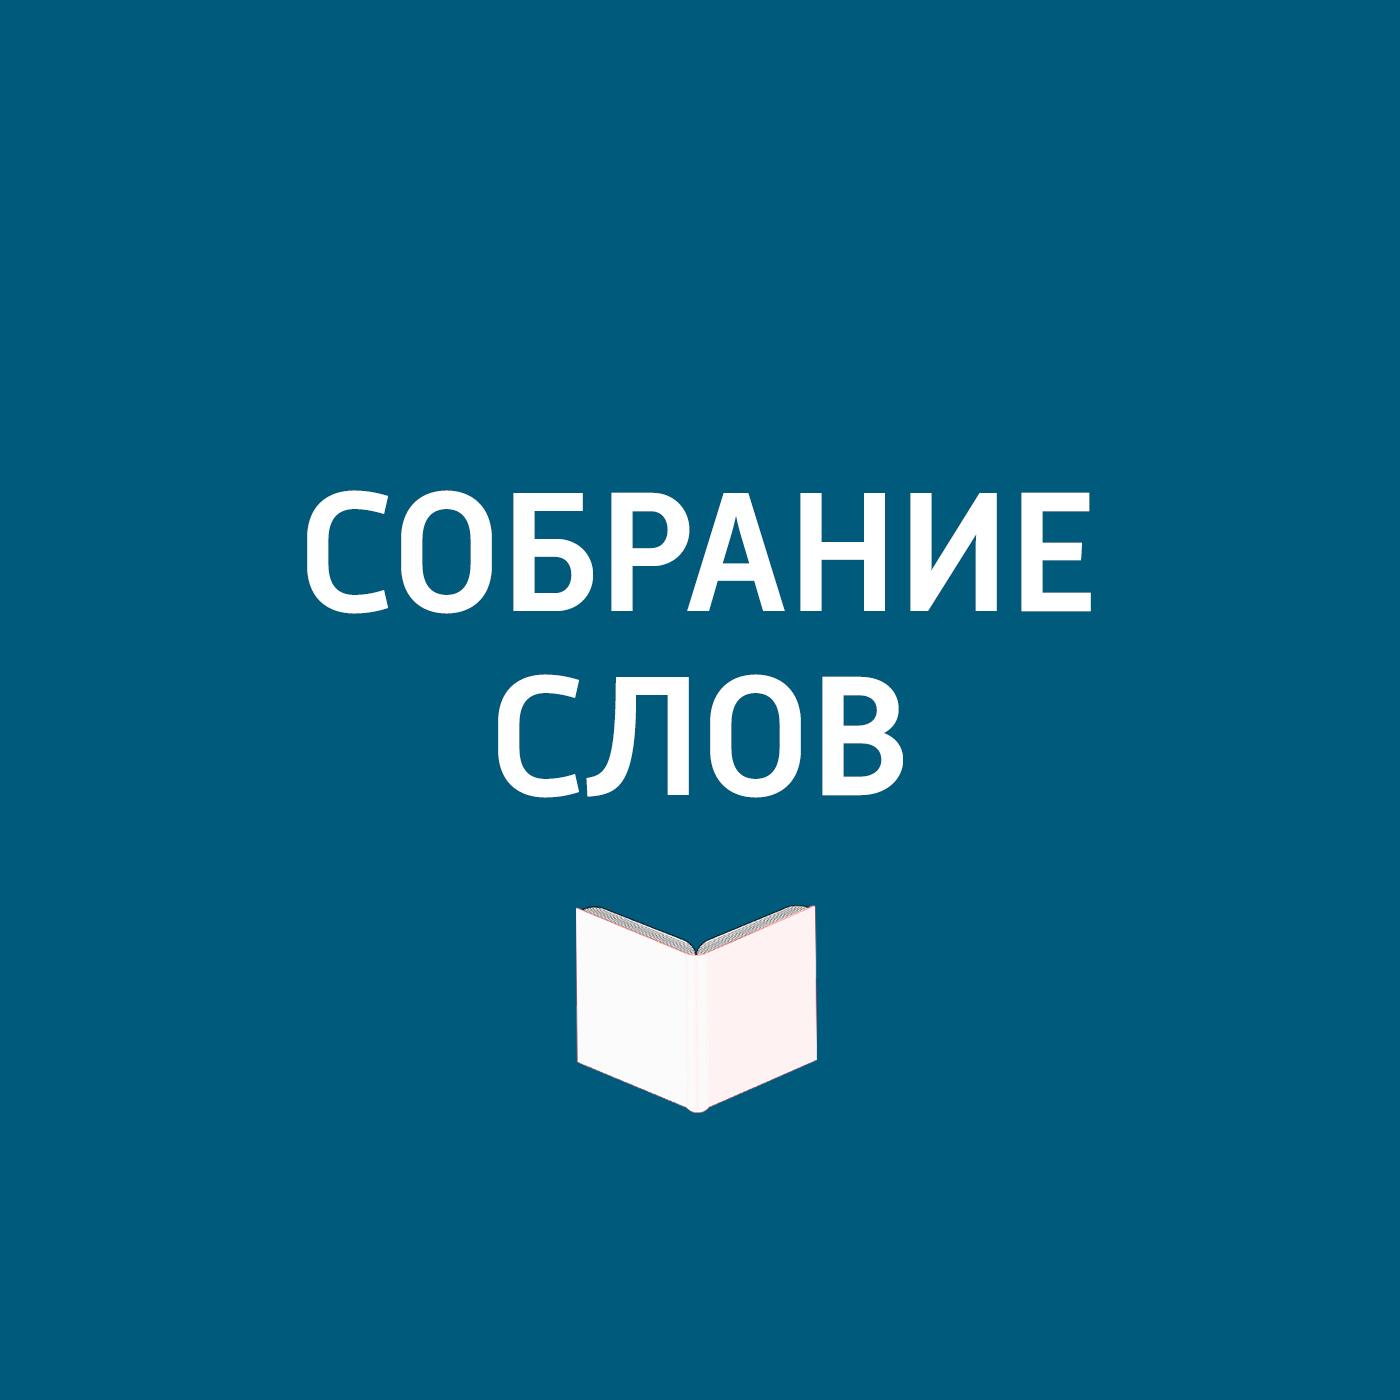 Творческий коллектив программы «Собрание слов» Большое интервью Эвелины Хромченко очки эвелины хромченко 2015